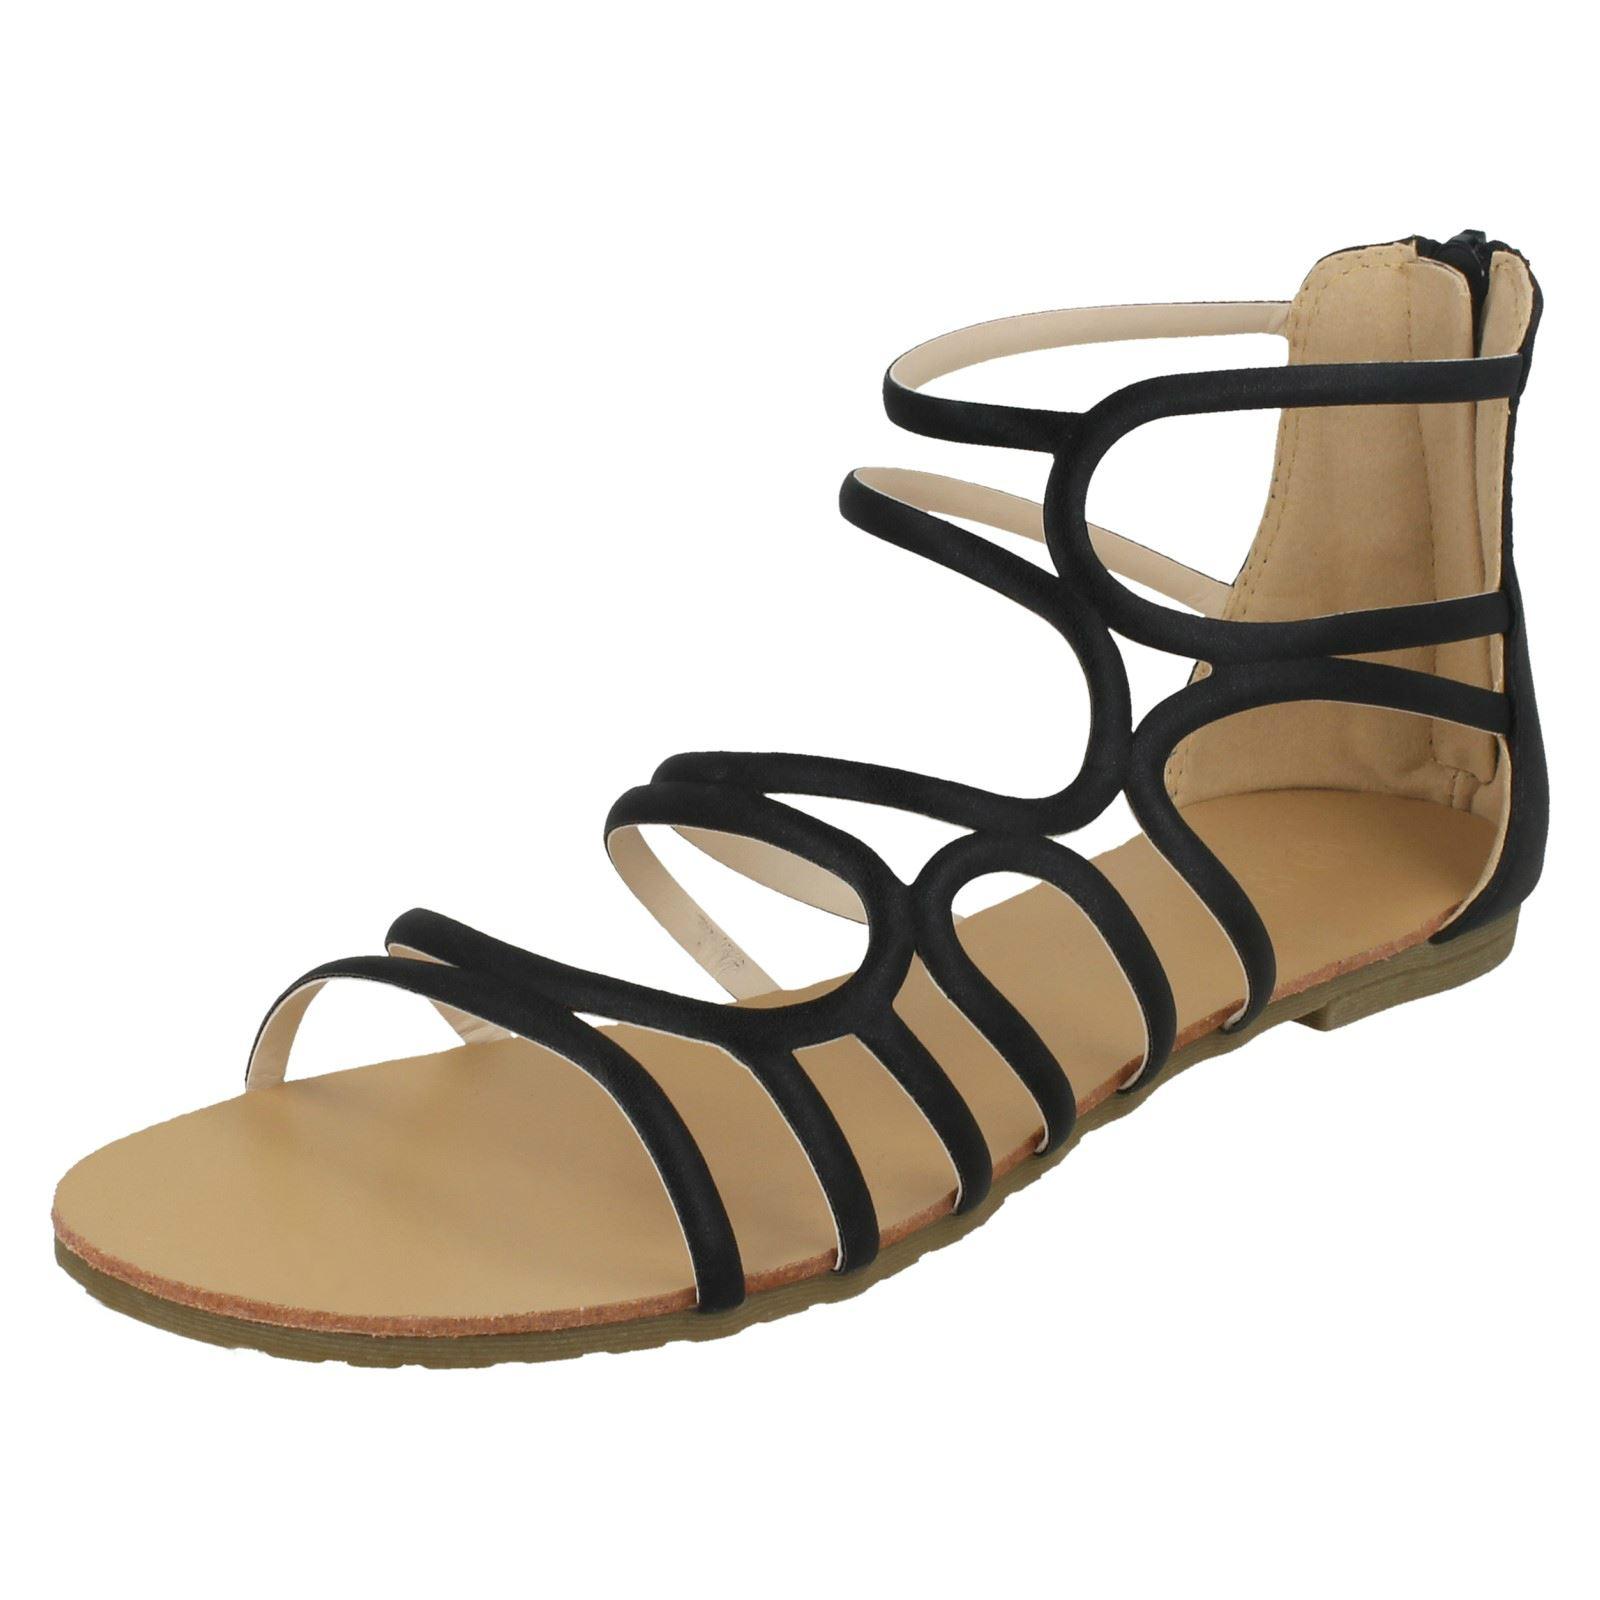 Ladies POSTO sul piatto con spalline argento sandali f00053